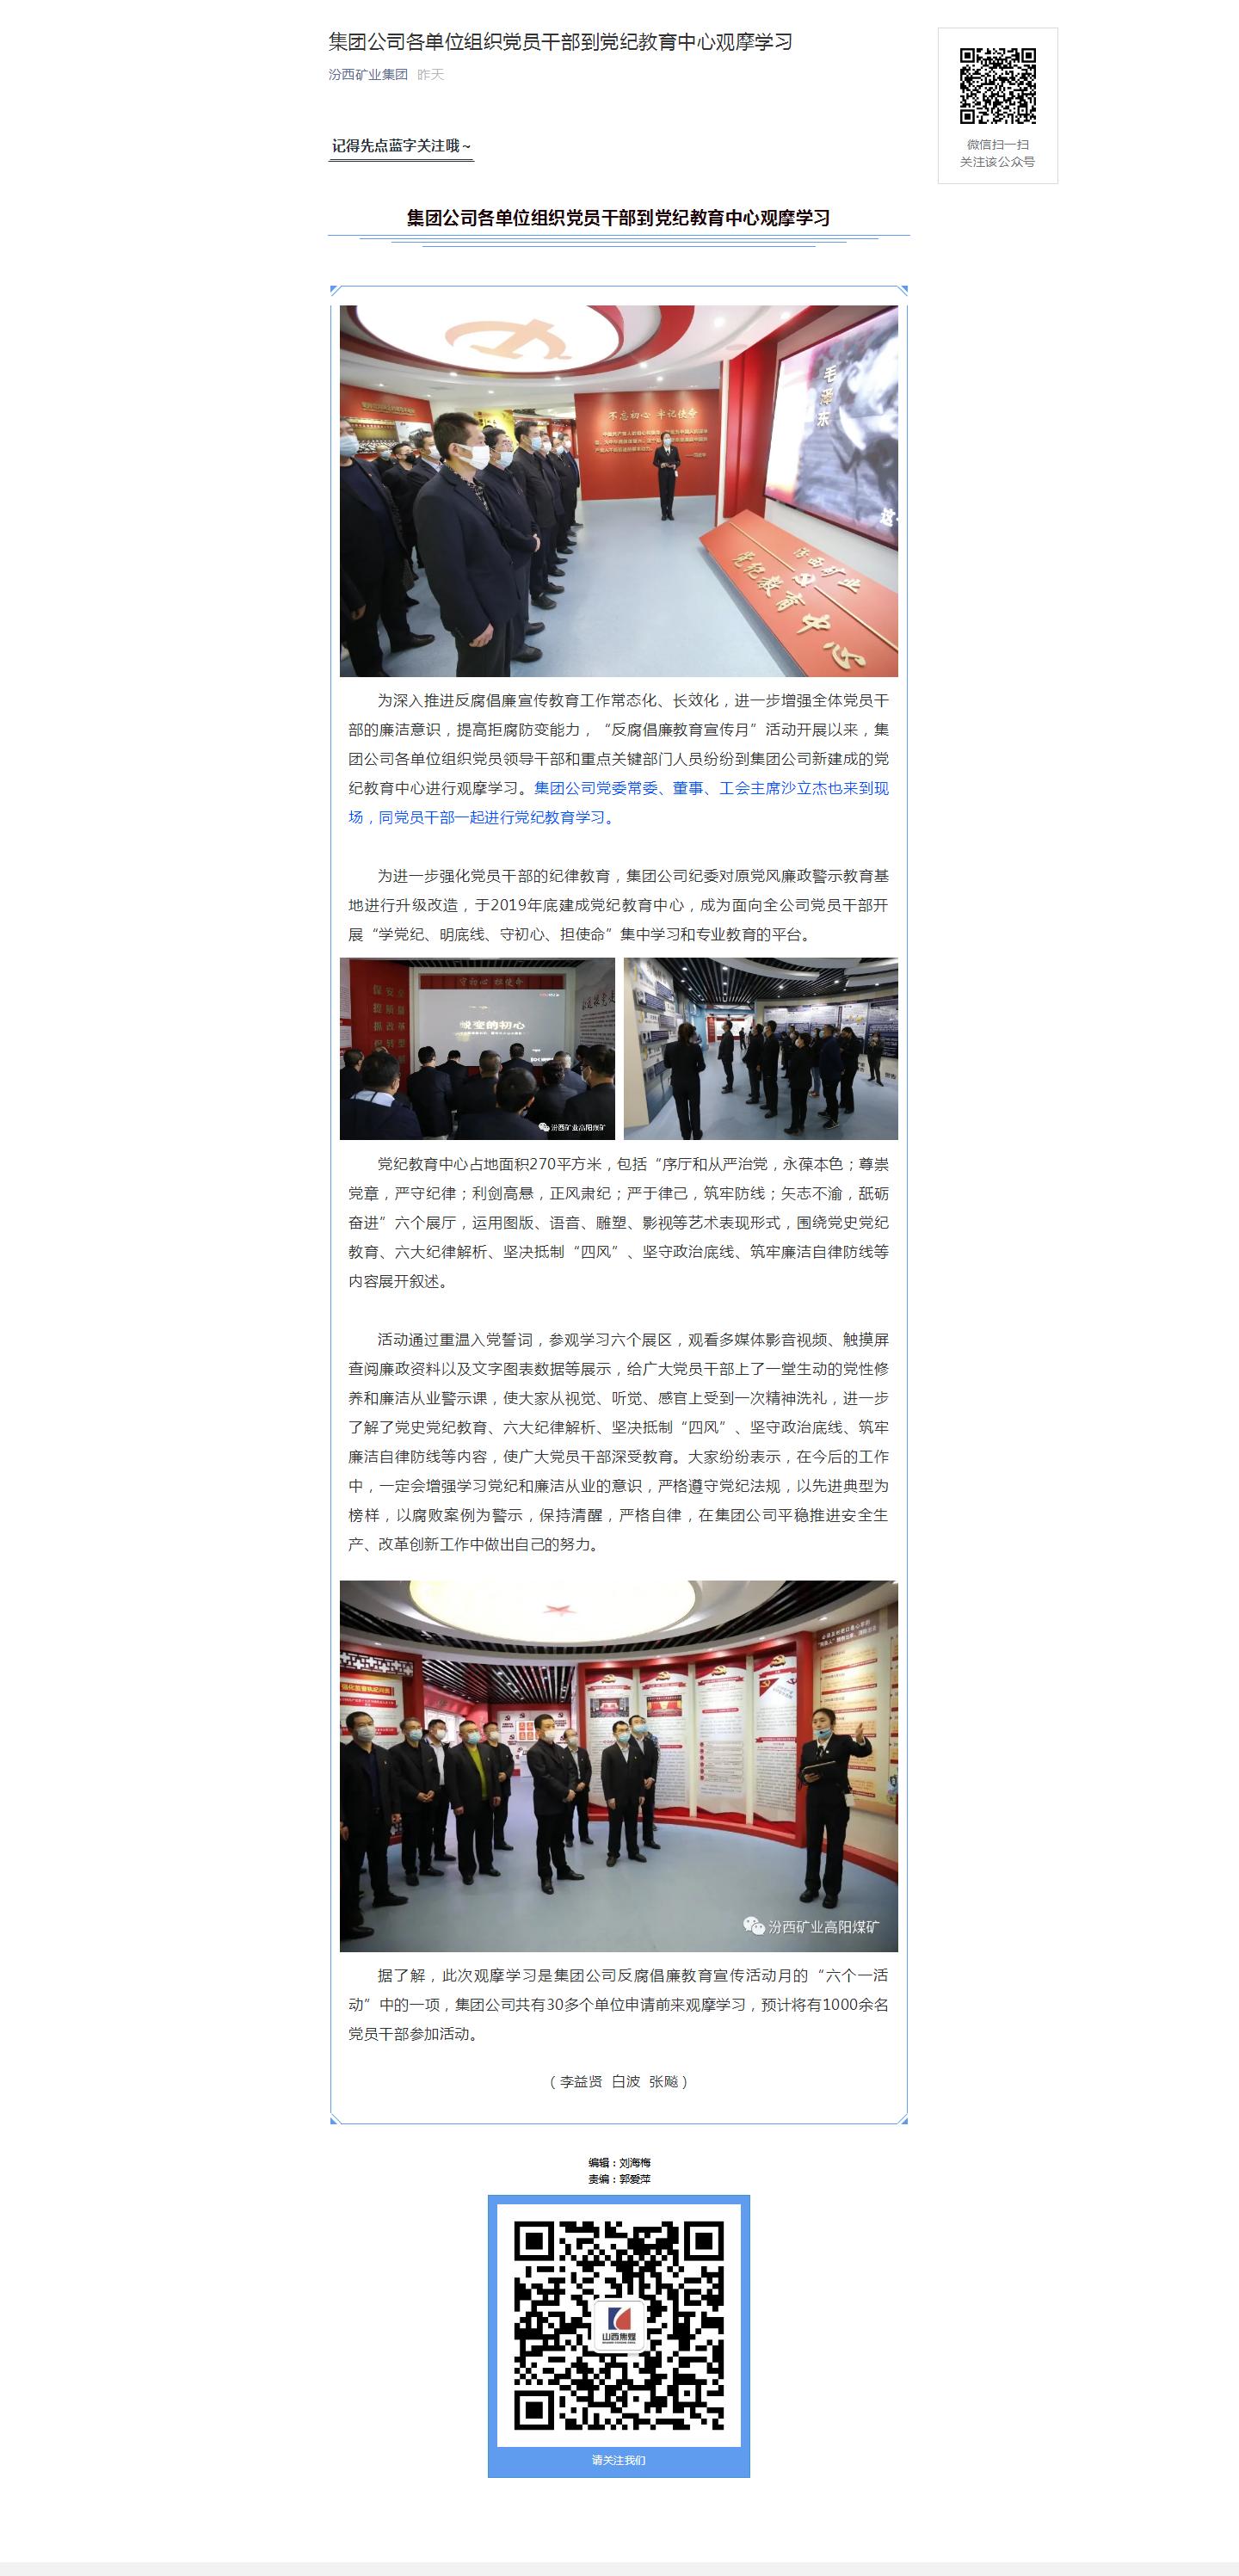 集团公司各单位组织党员干部到党纪教育中心观摩学习.png